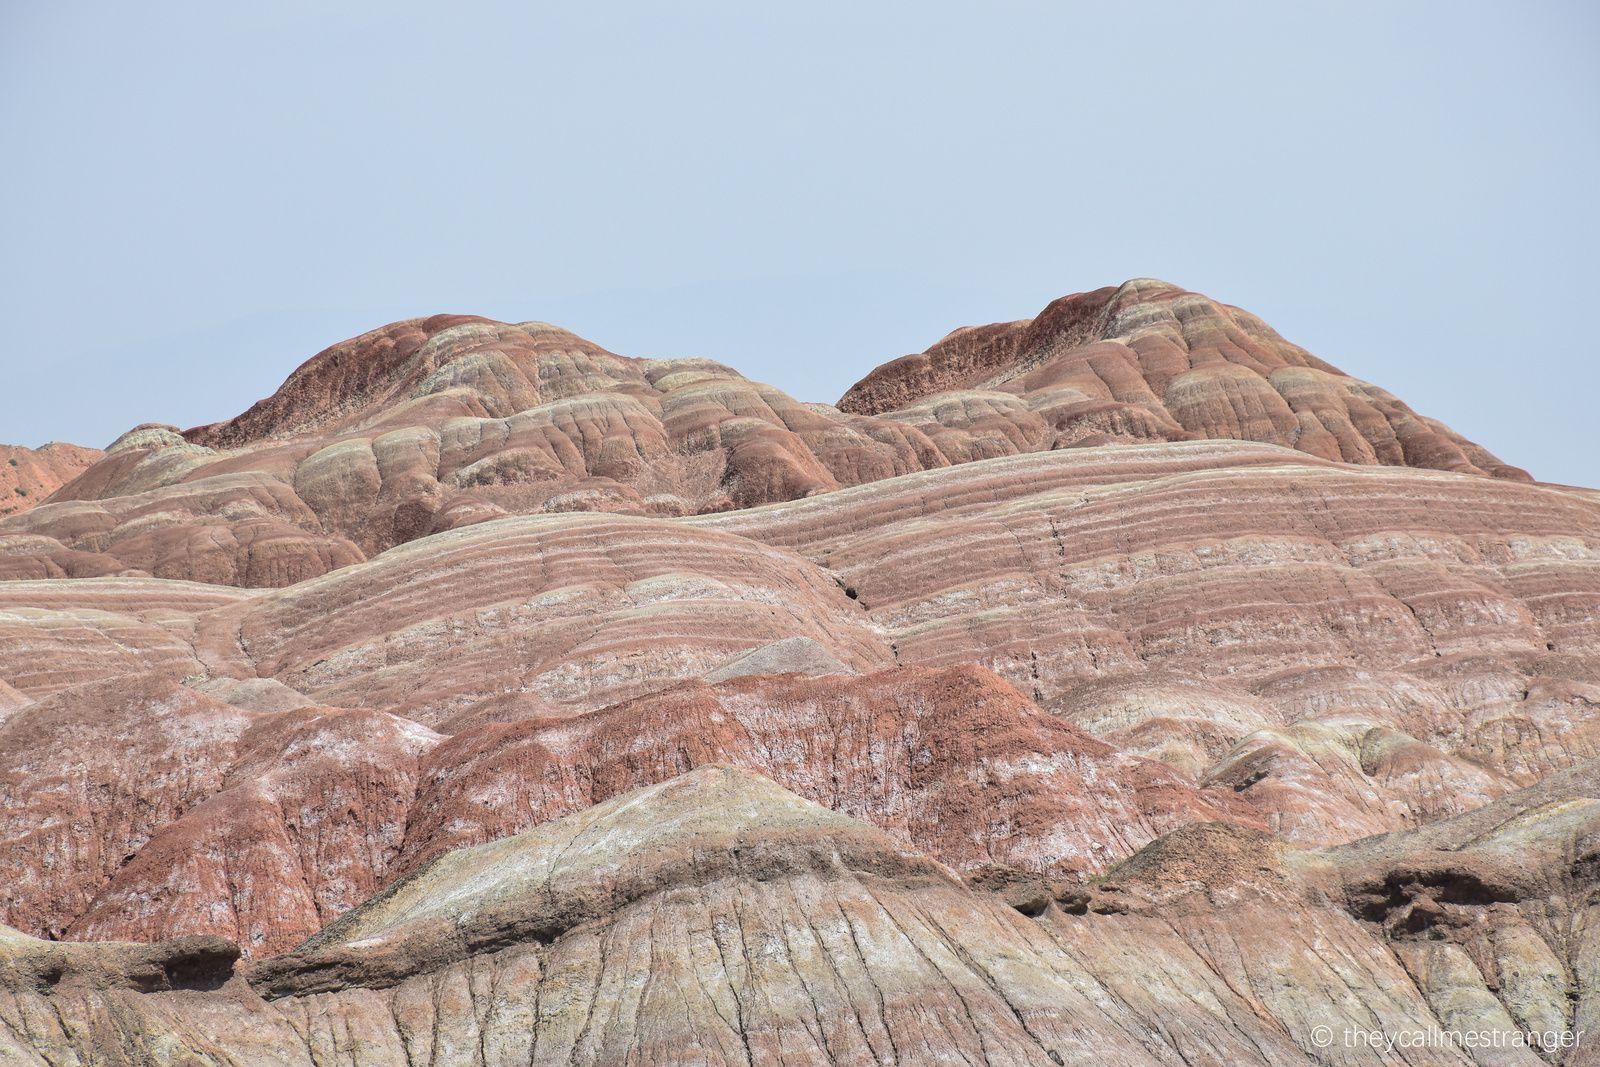 Montagnes arc-en-ciel au parc géologique de Zhangye Danxia 张掖丹霞国家地质公园